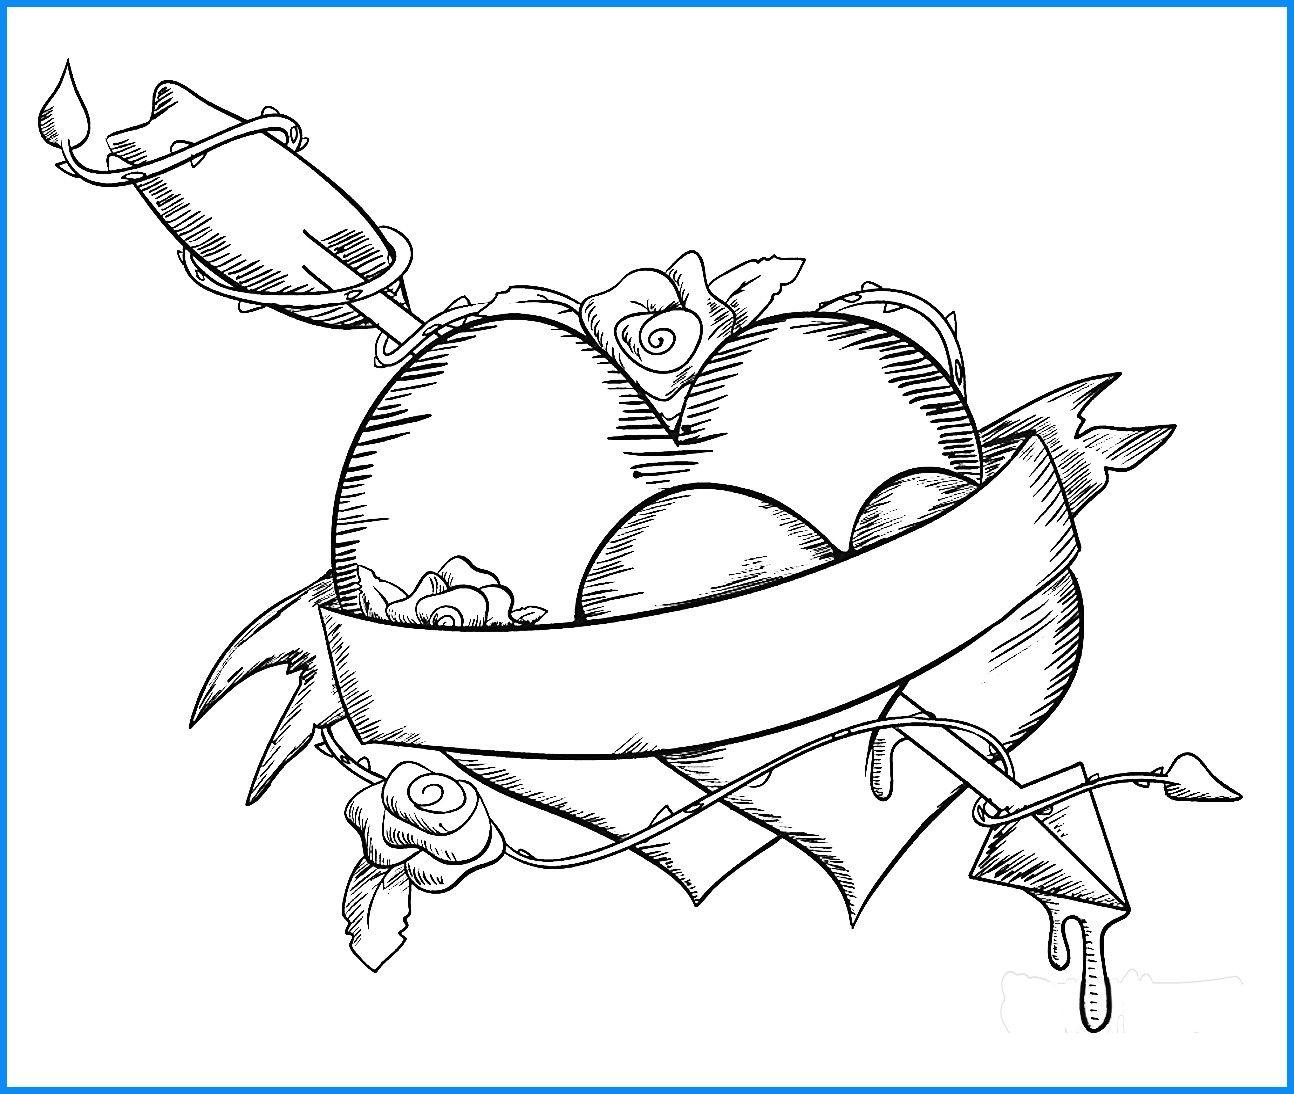 99 Liebes Bilder Zum Nachmalen Ideen Avec Schone Zeichnen bestimmt für Schöne Bilder Zum Ausmalen